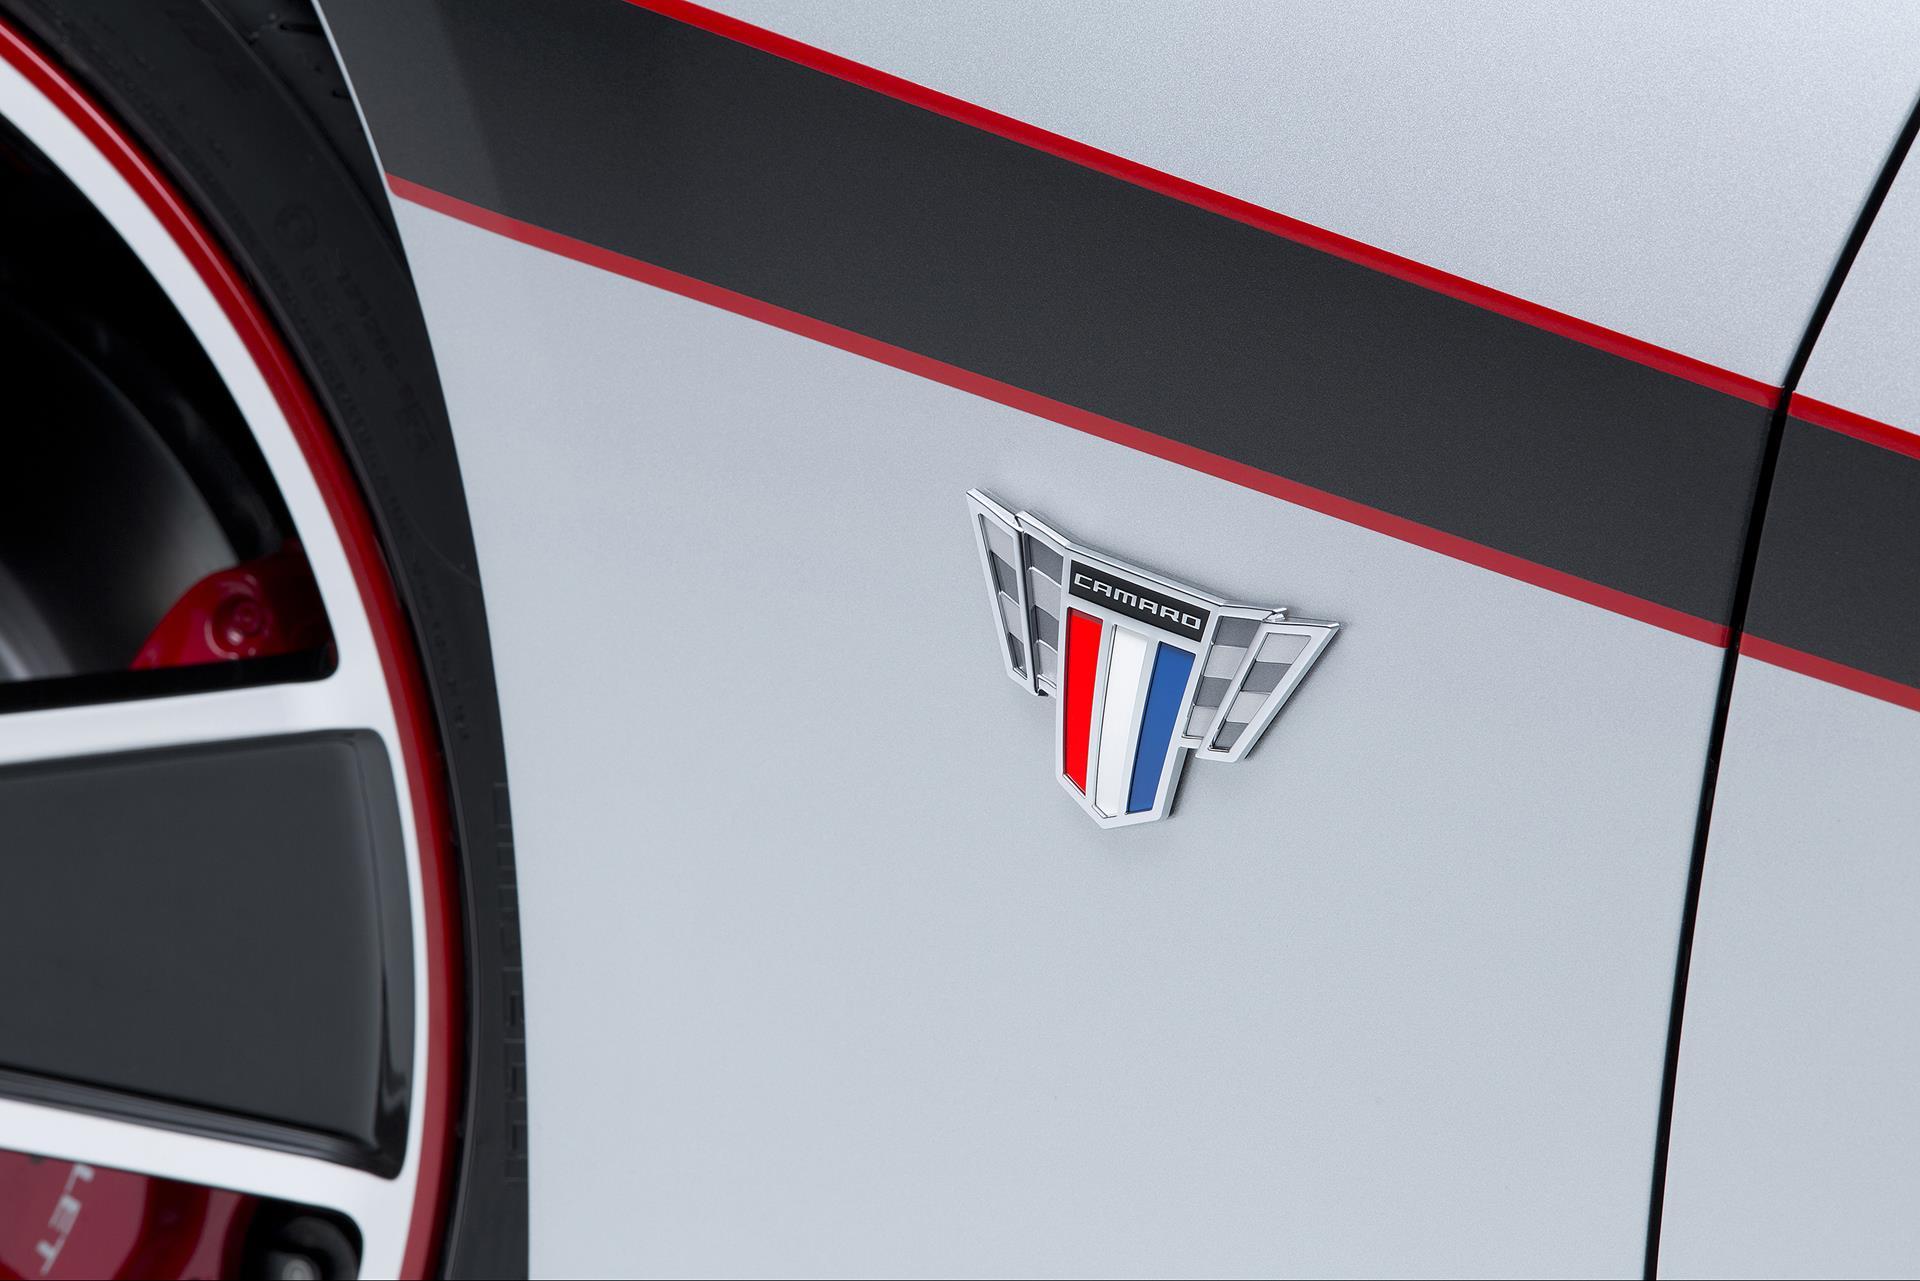 2015 Chevrolet Camaro Commemorative Edition Conceptcarz Com